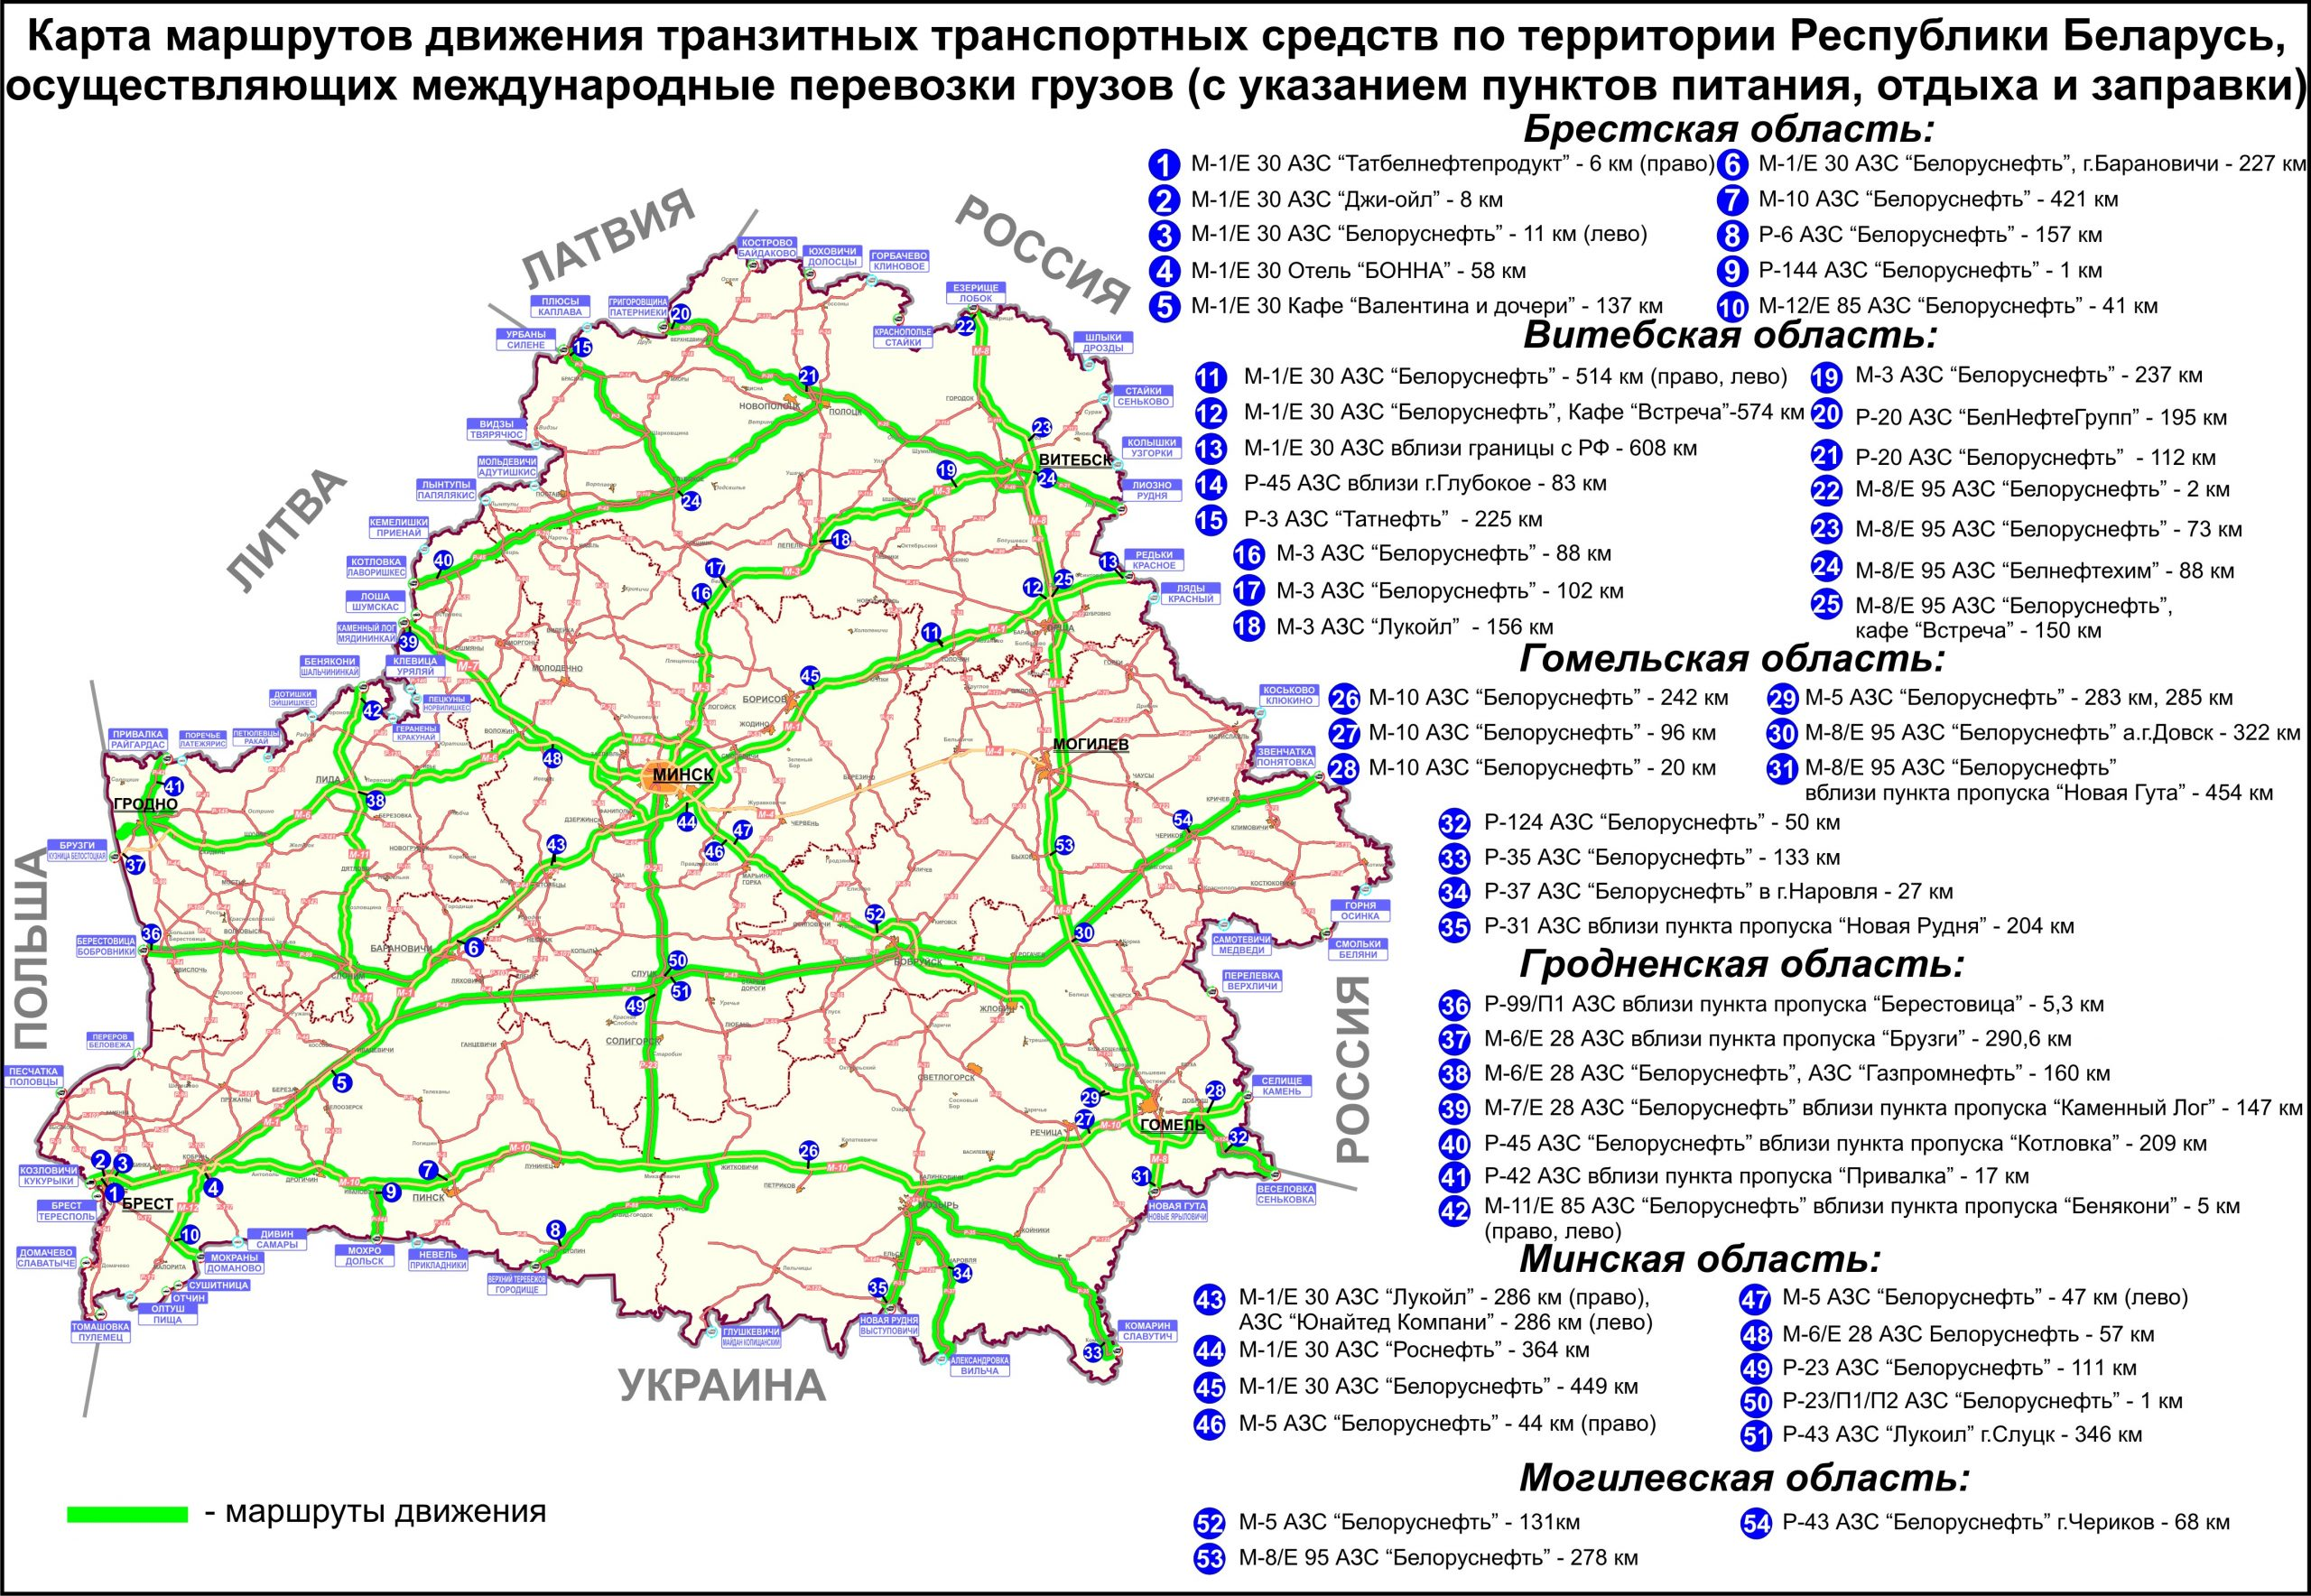 Обновлена карта маршрутов движения транзитом по территории Беларуси (covid-19) 1